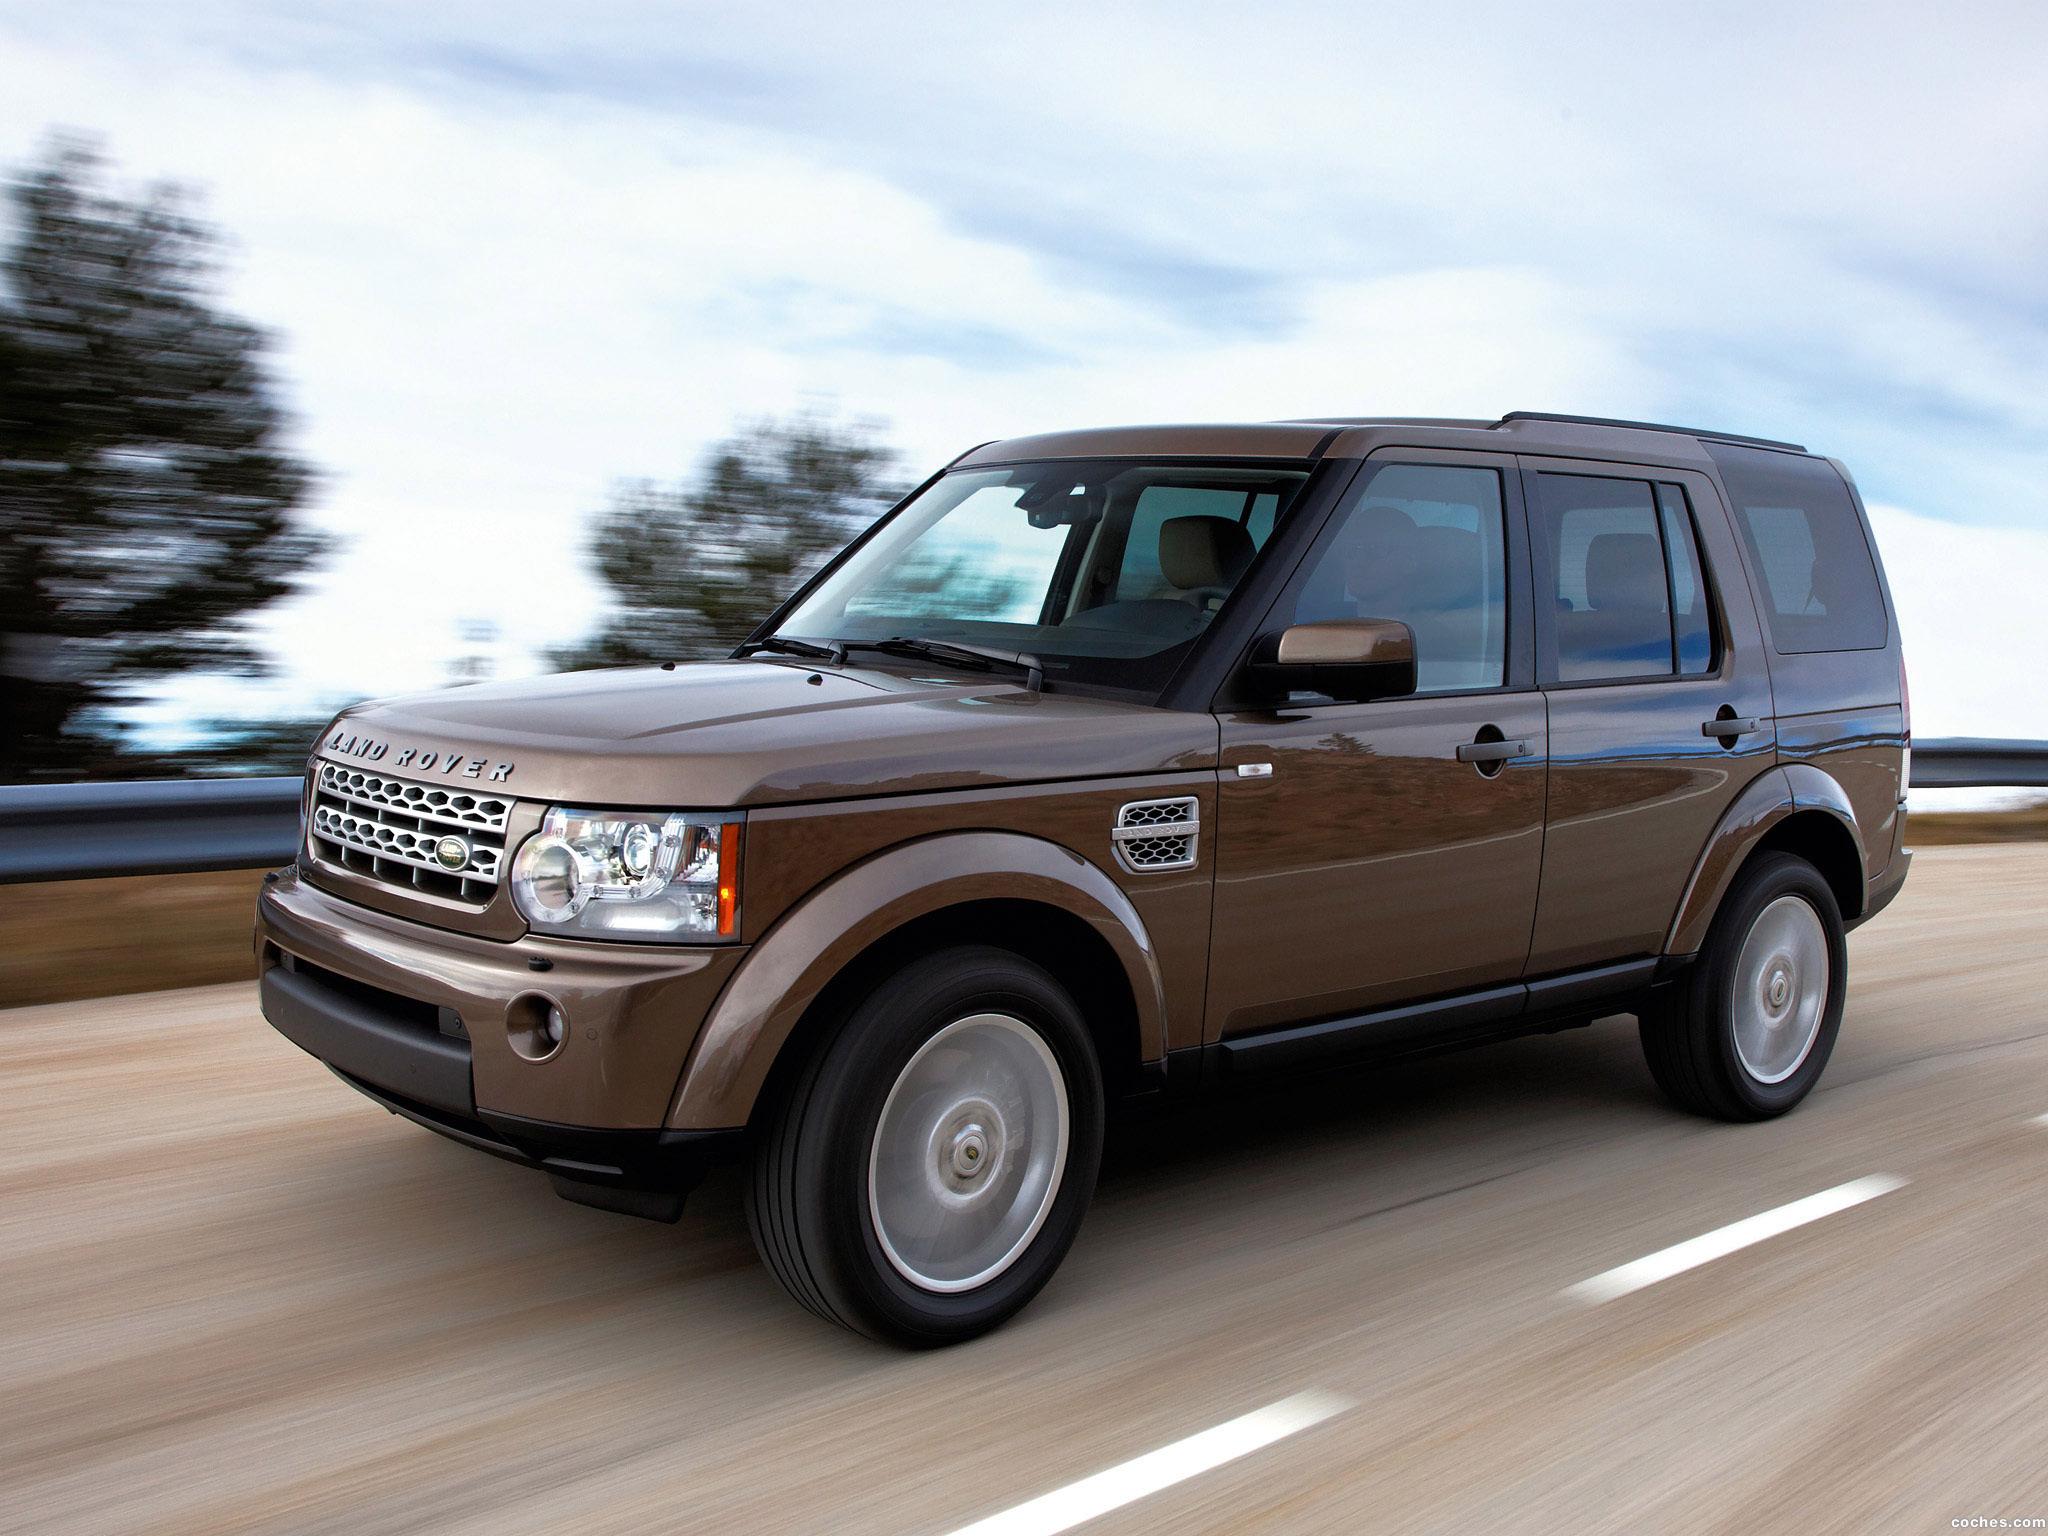 Foto 21 de Land Rover Discovery LR4 2009